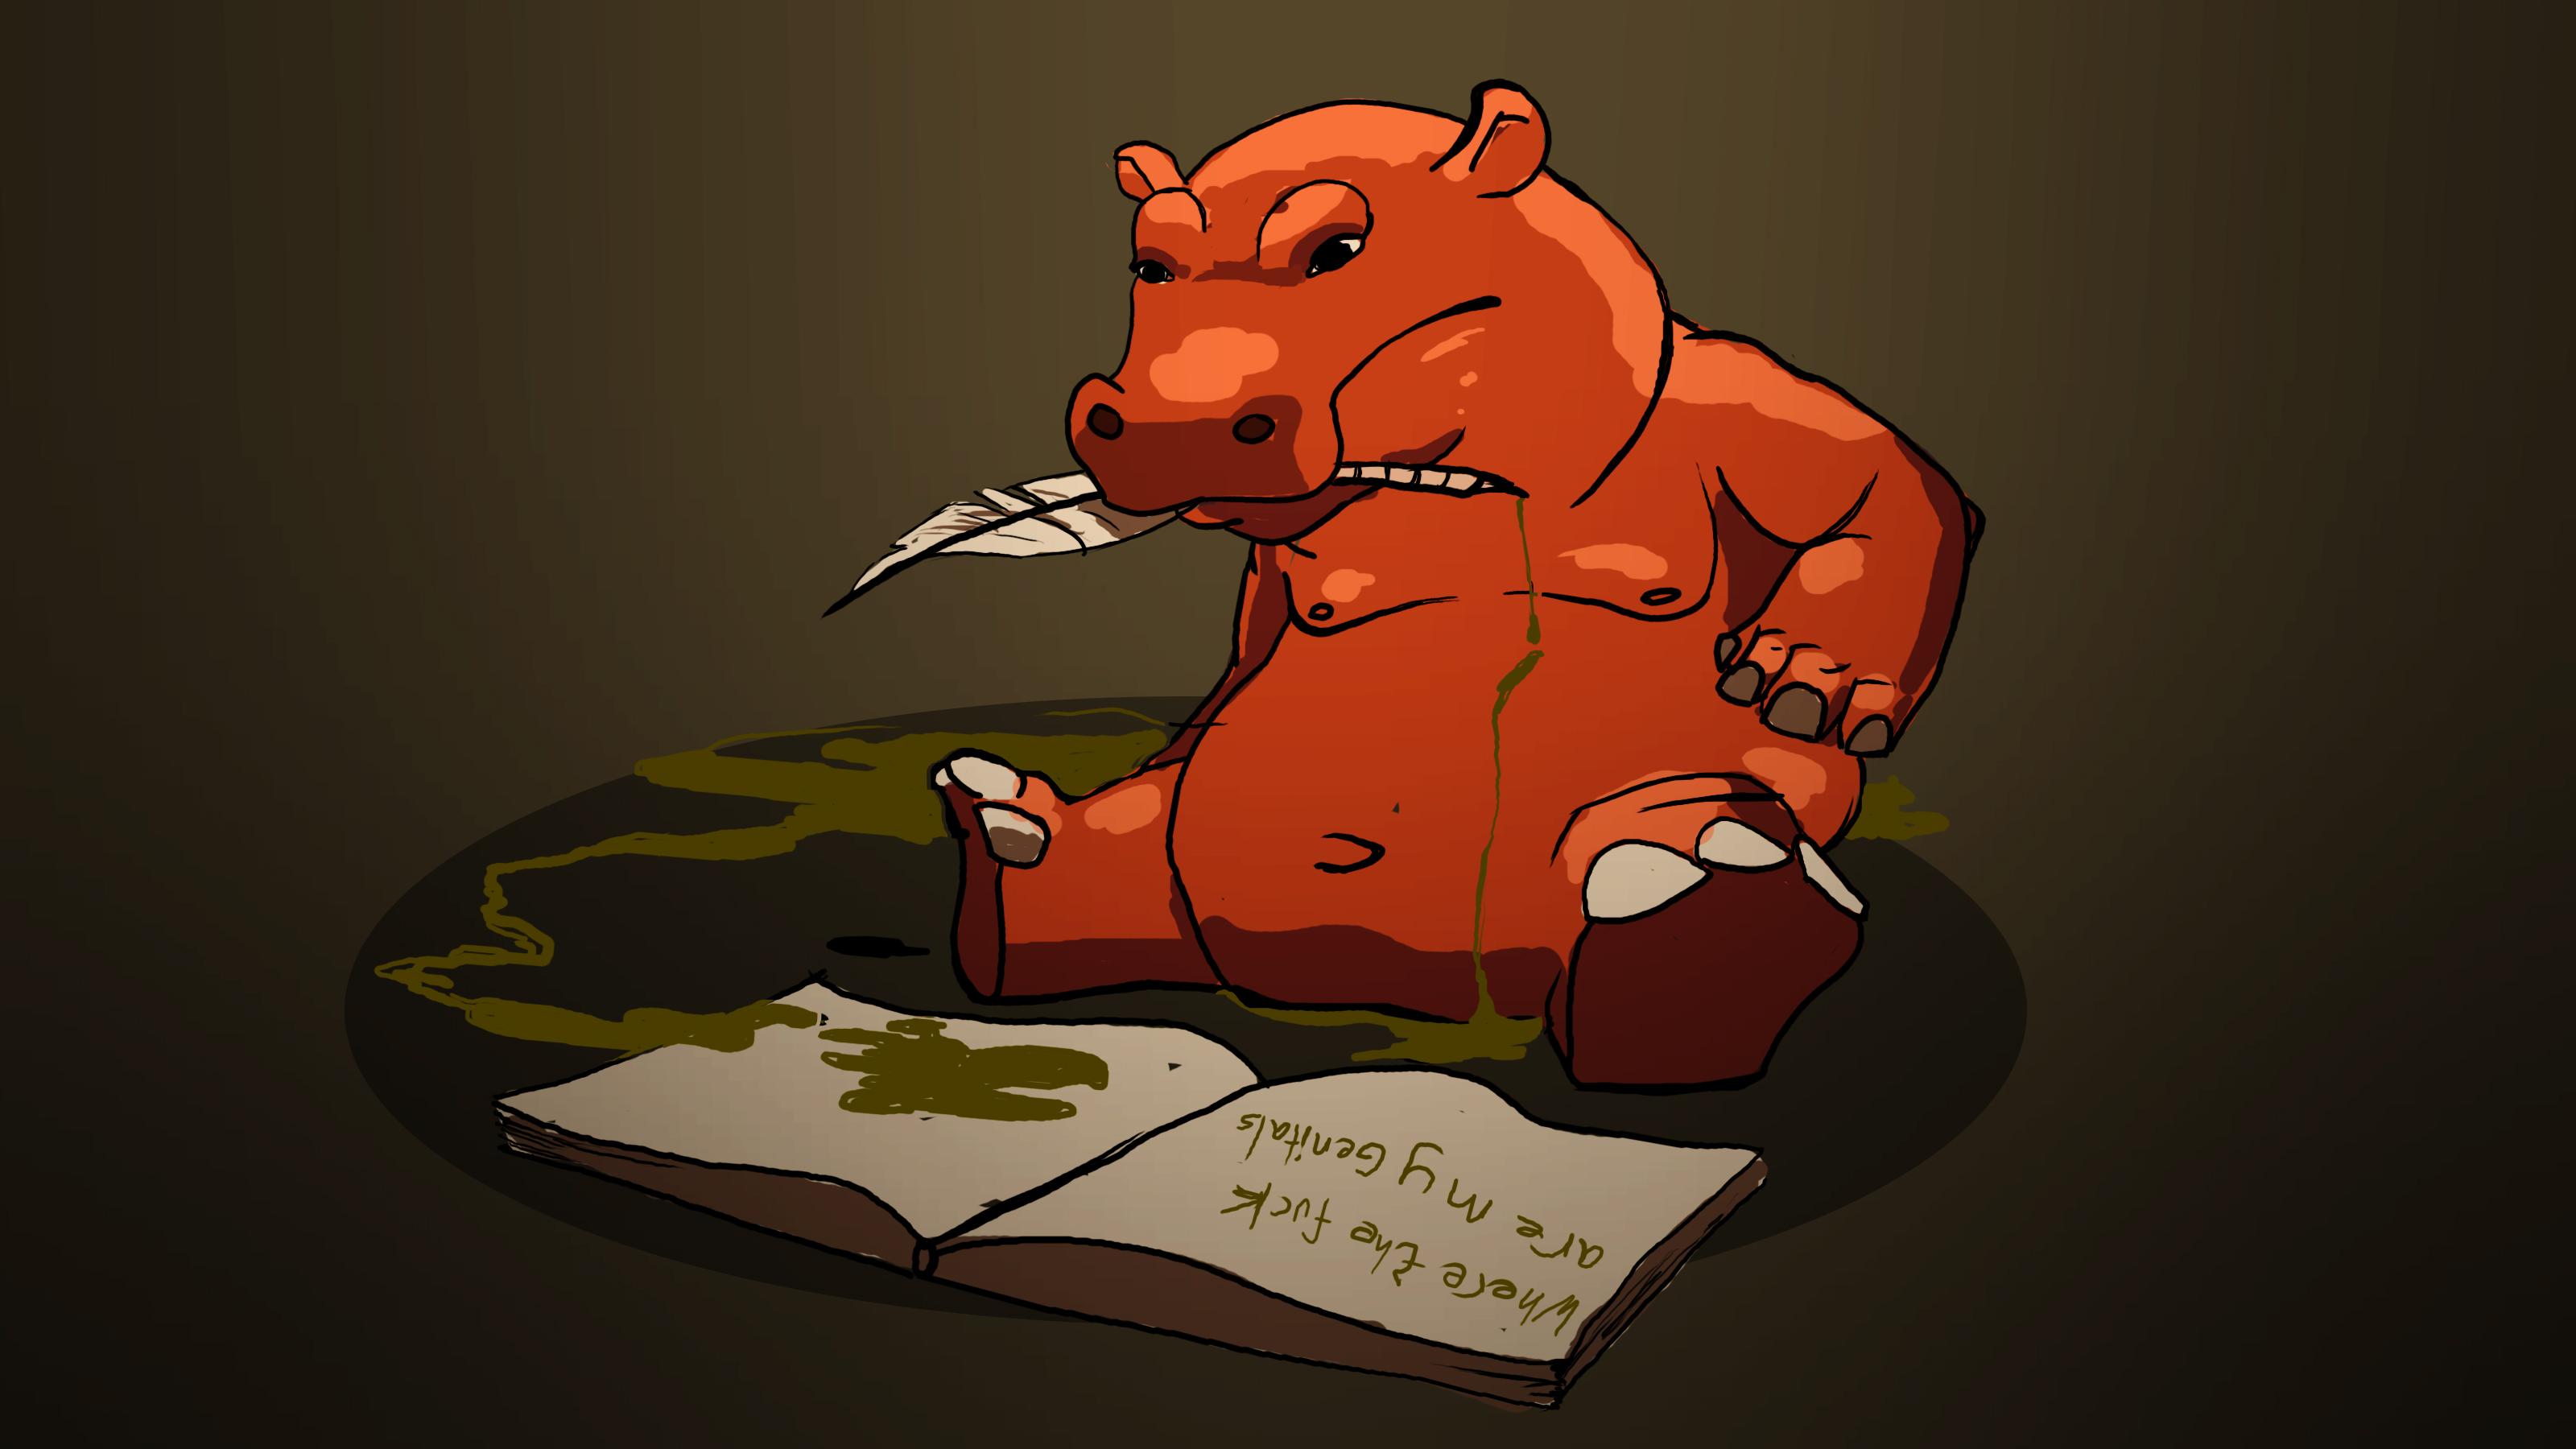 Hippo Has Pen